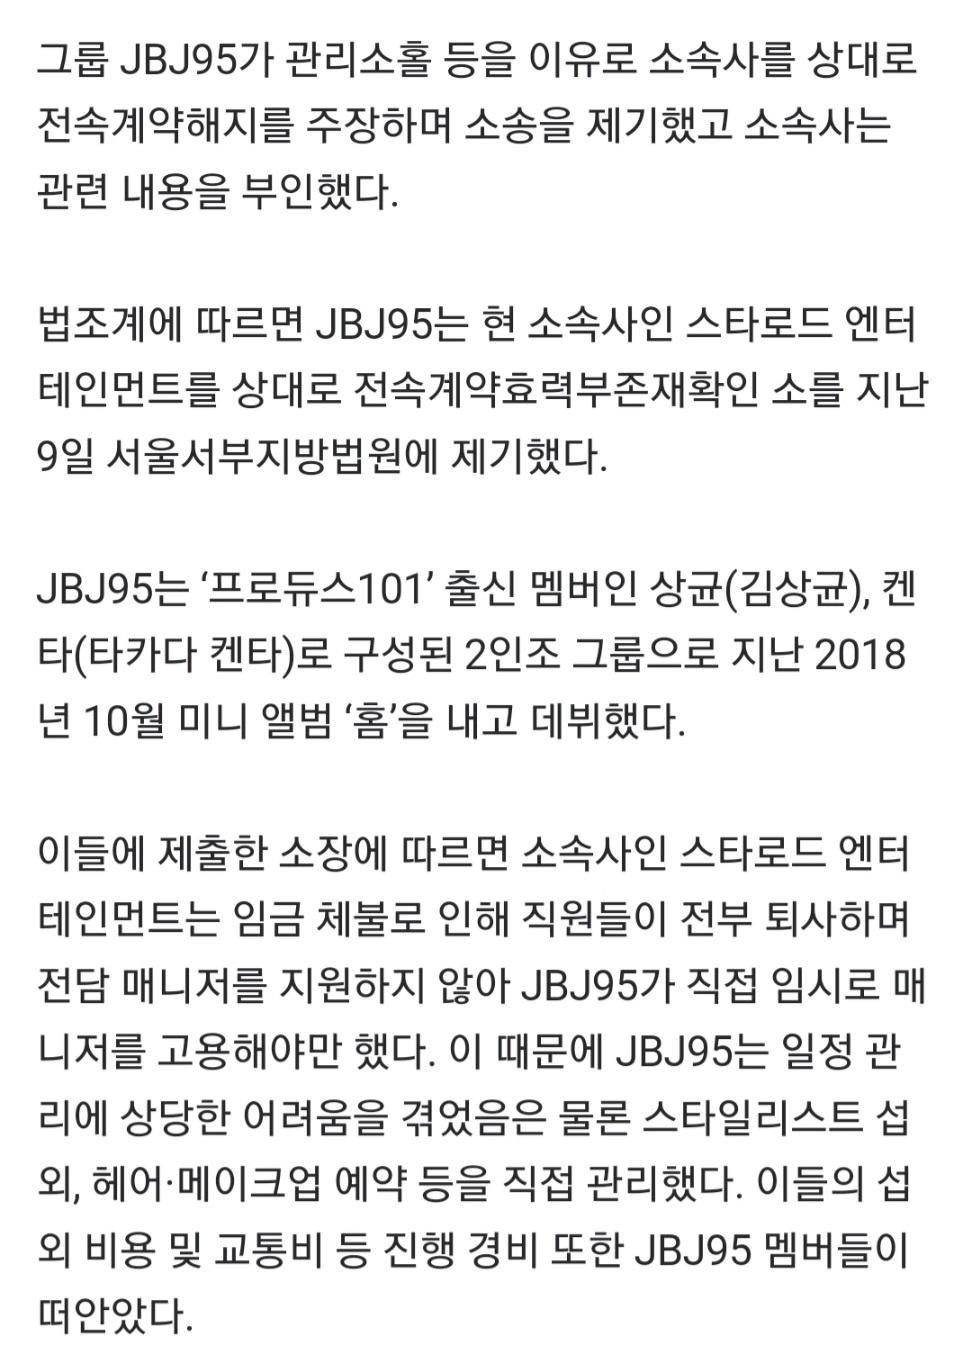 [정보/소식] [단독] JBJ95, 소속사 상대로 전속계약 해지 요구 소송 | 인스티즈